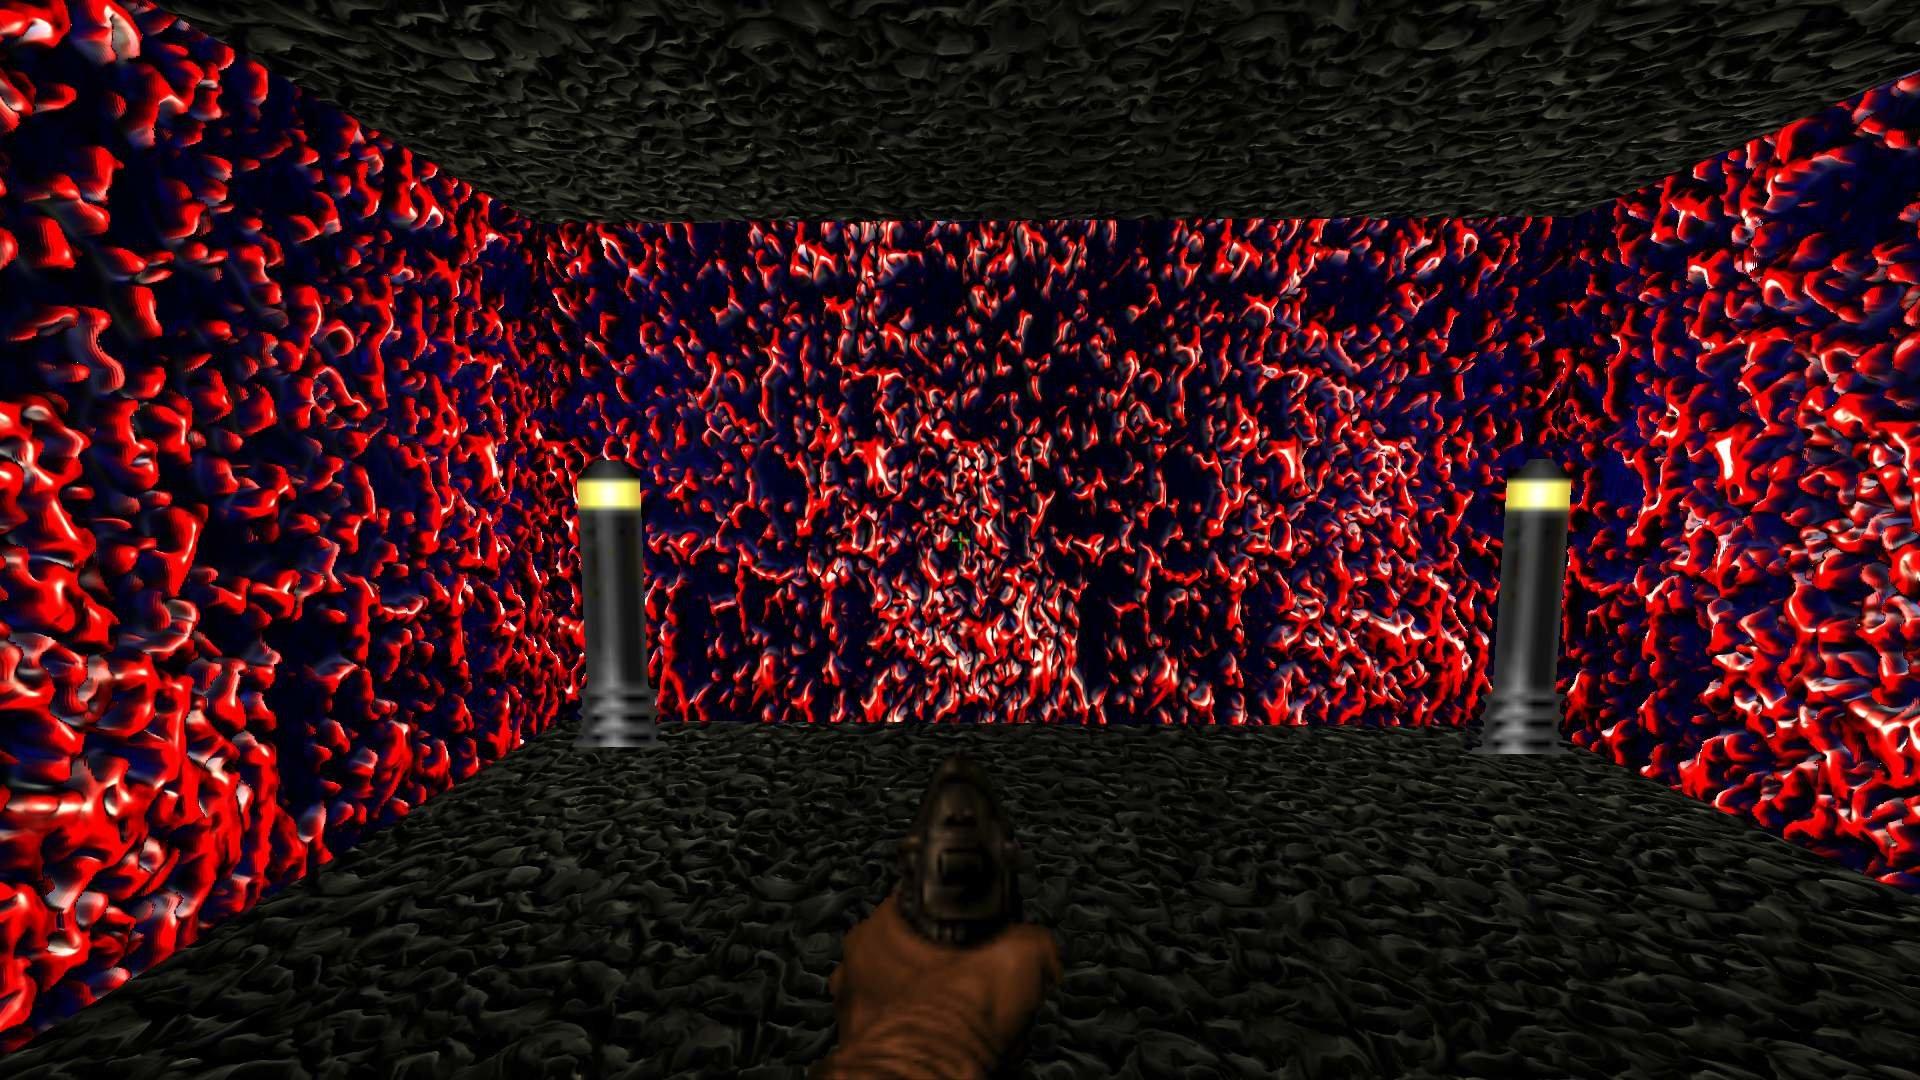 Screenshot_Doom_20180903_075535.jpg.69ef541a15a5b345dfd29d8b96822313.jpg